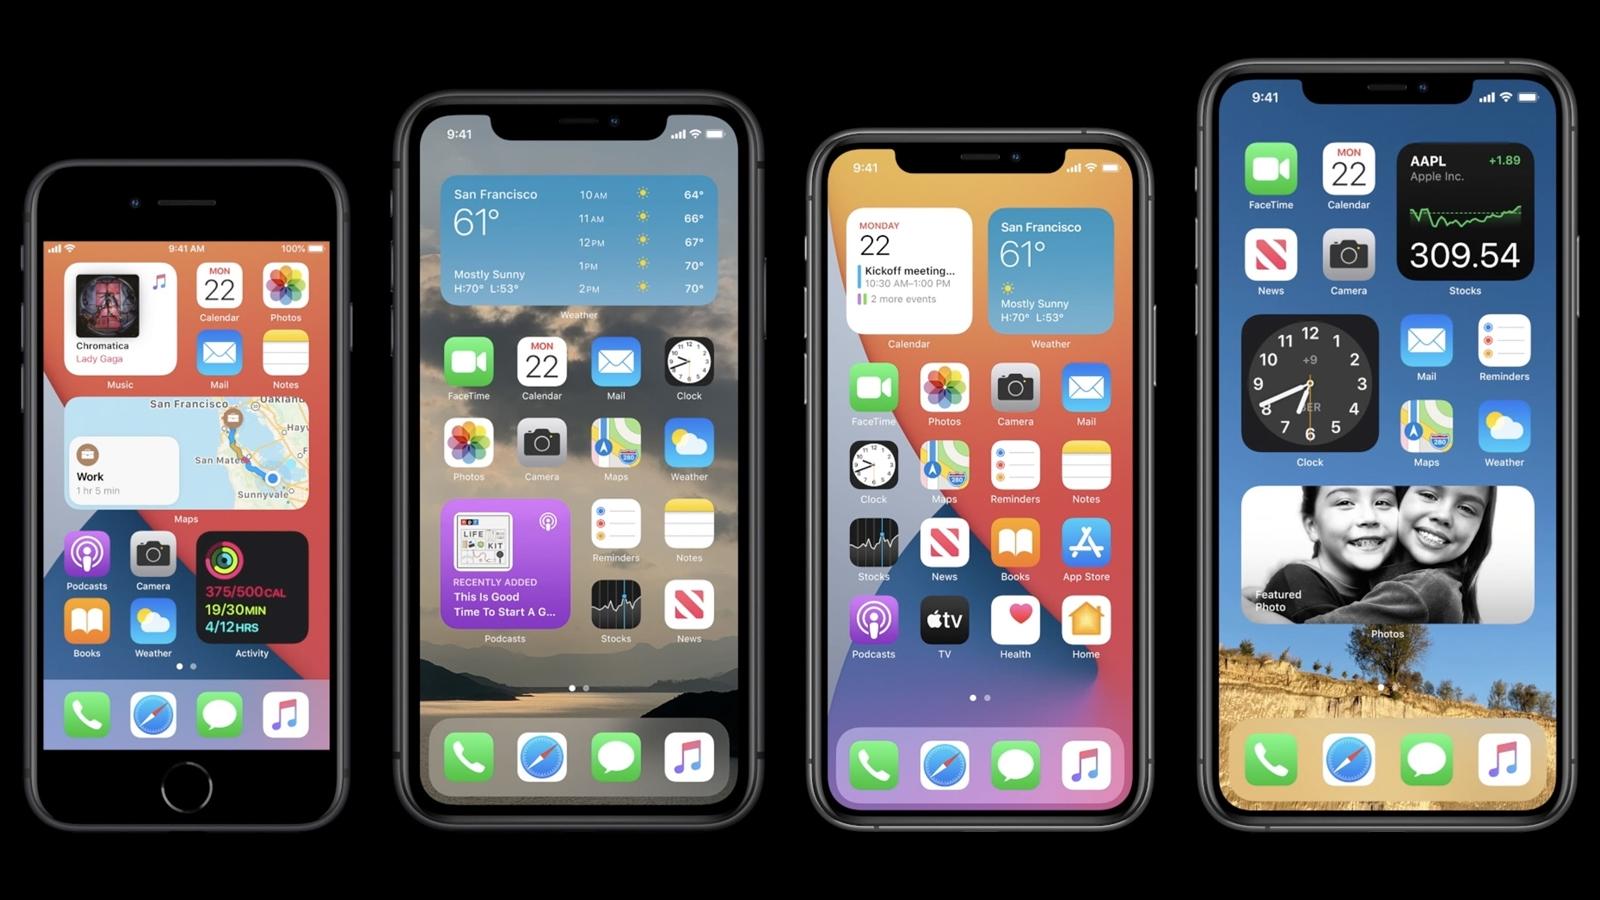 Hệ điều hành iOS 14 cho iPhone có gì mới